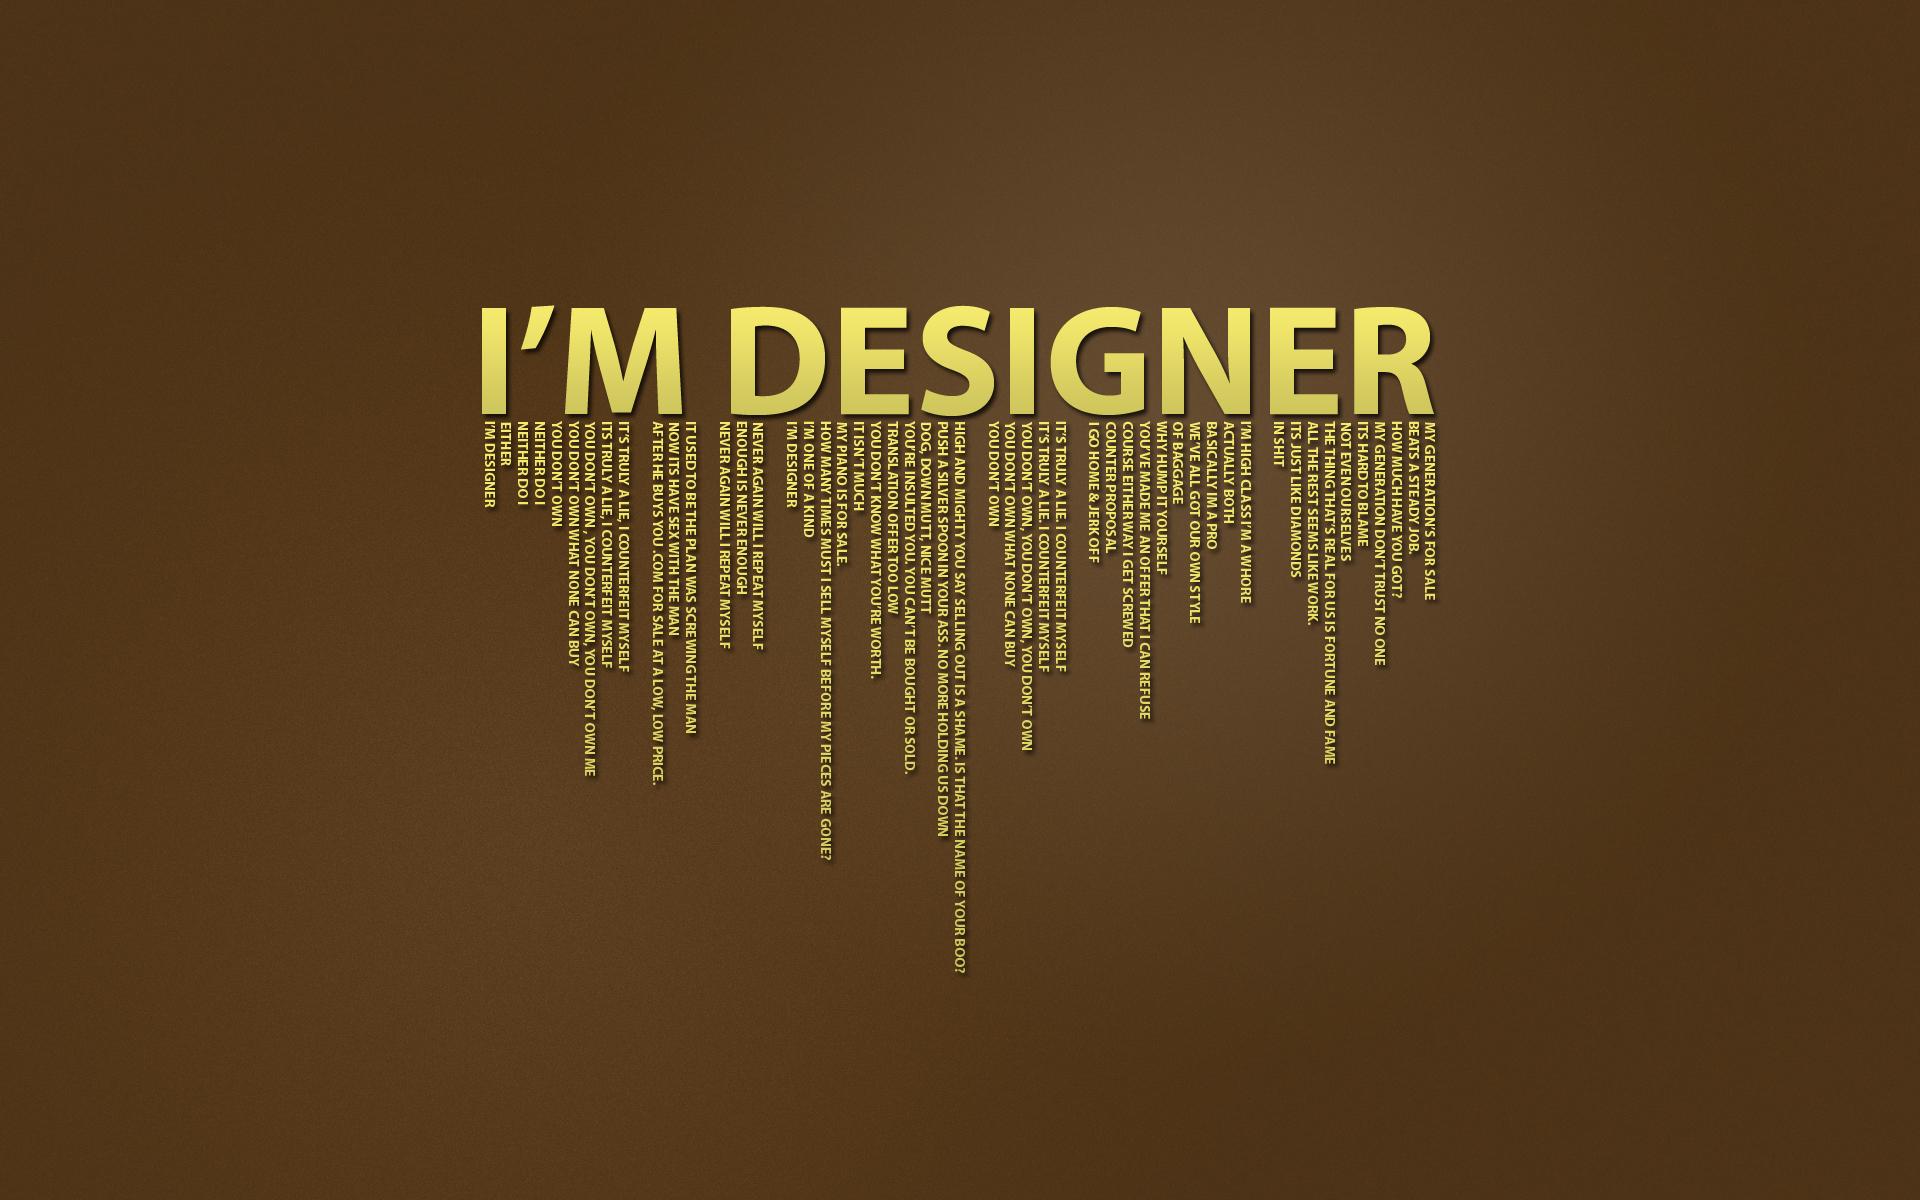 Le 10 Caratteristiche Del Designer Moderno